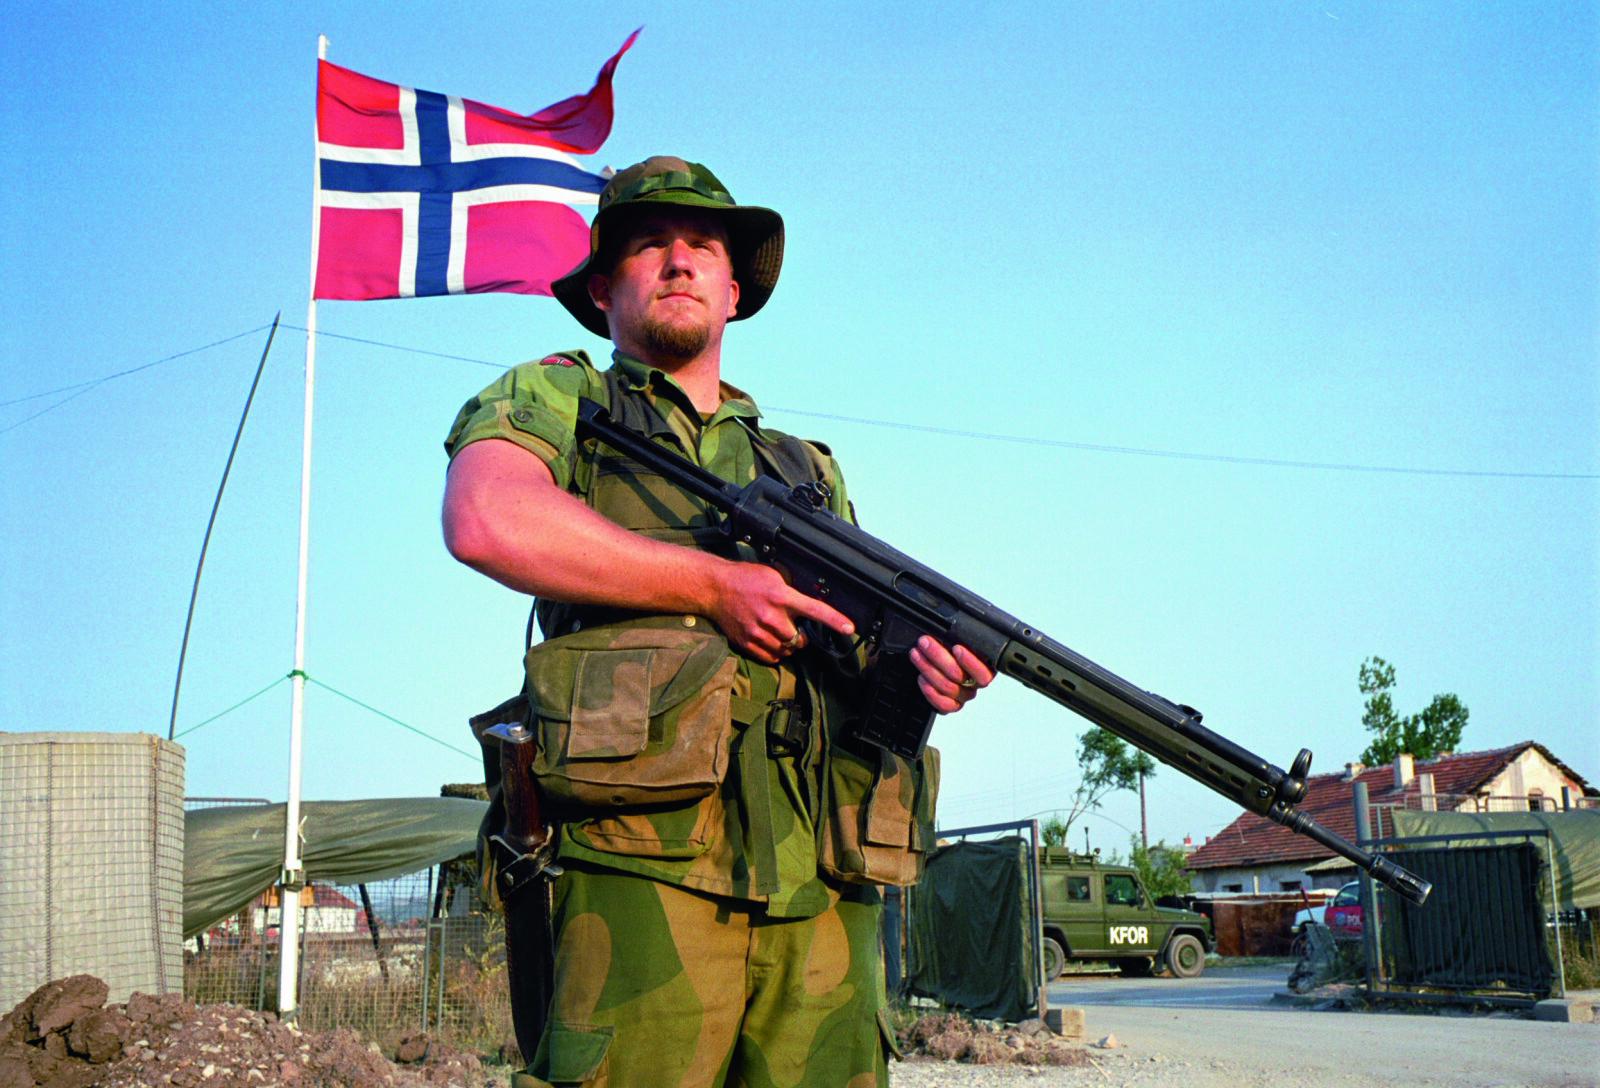 <b>ARBEIDSHEST: </b>En norsk KFOR-soldat på vakt med en AG3 utenfor Camp Midgard i Kosovo. AG3 gjorde tjeneste under alle slags klimatiske forhold fra Finnmarksvidda til Afghanistands ørken, samt Libanon, Balkan og Irak<b>.<br></b>